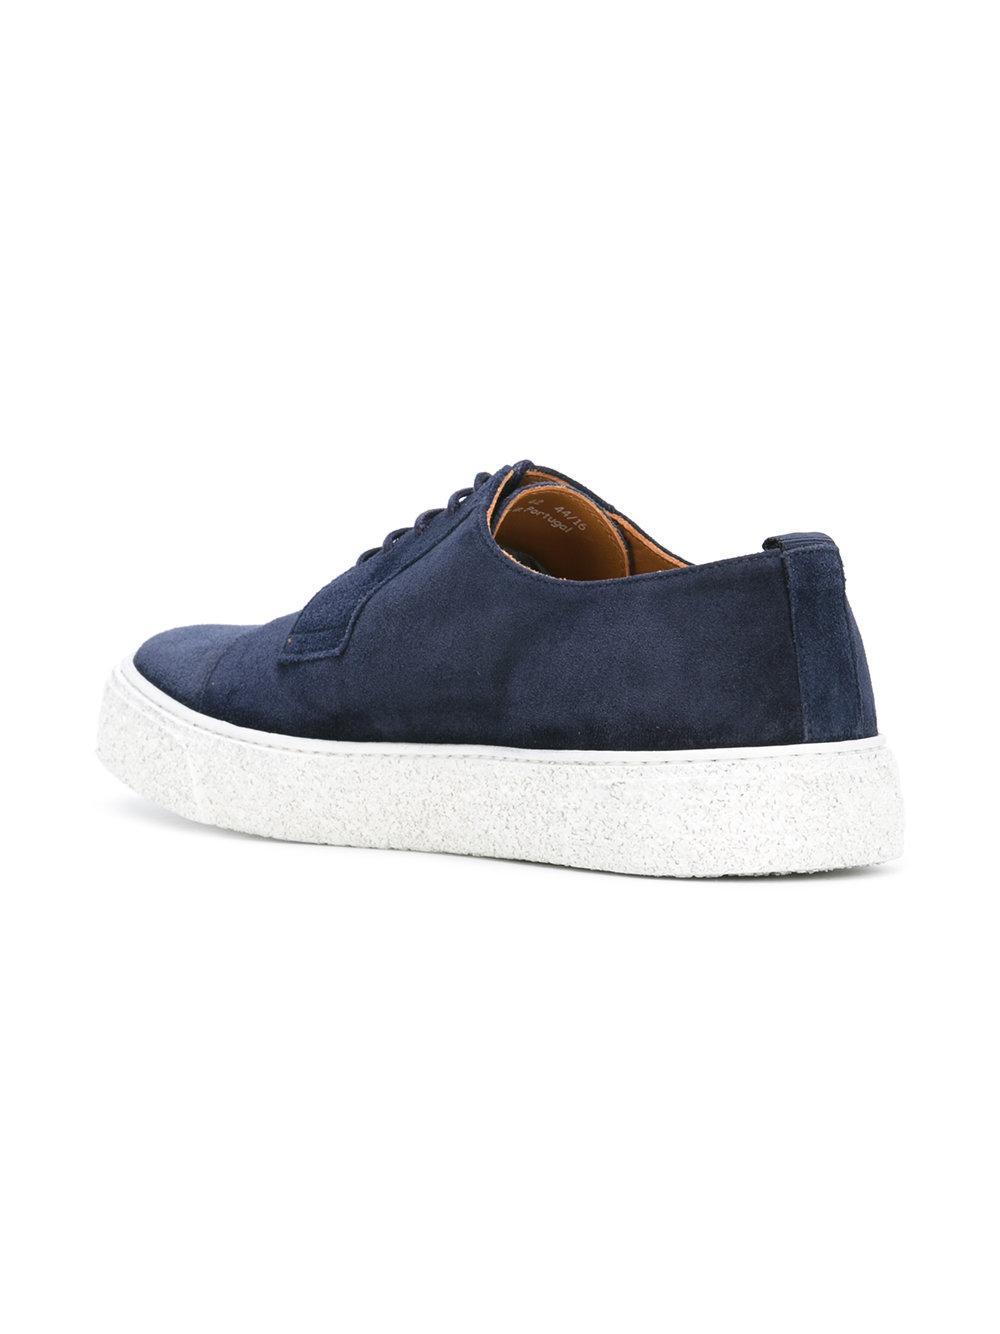 lace-up sneakers - Blue Paul & Joe w3Fkihtj